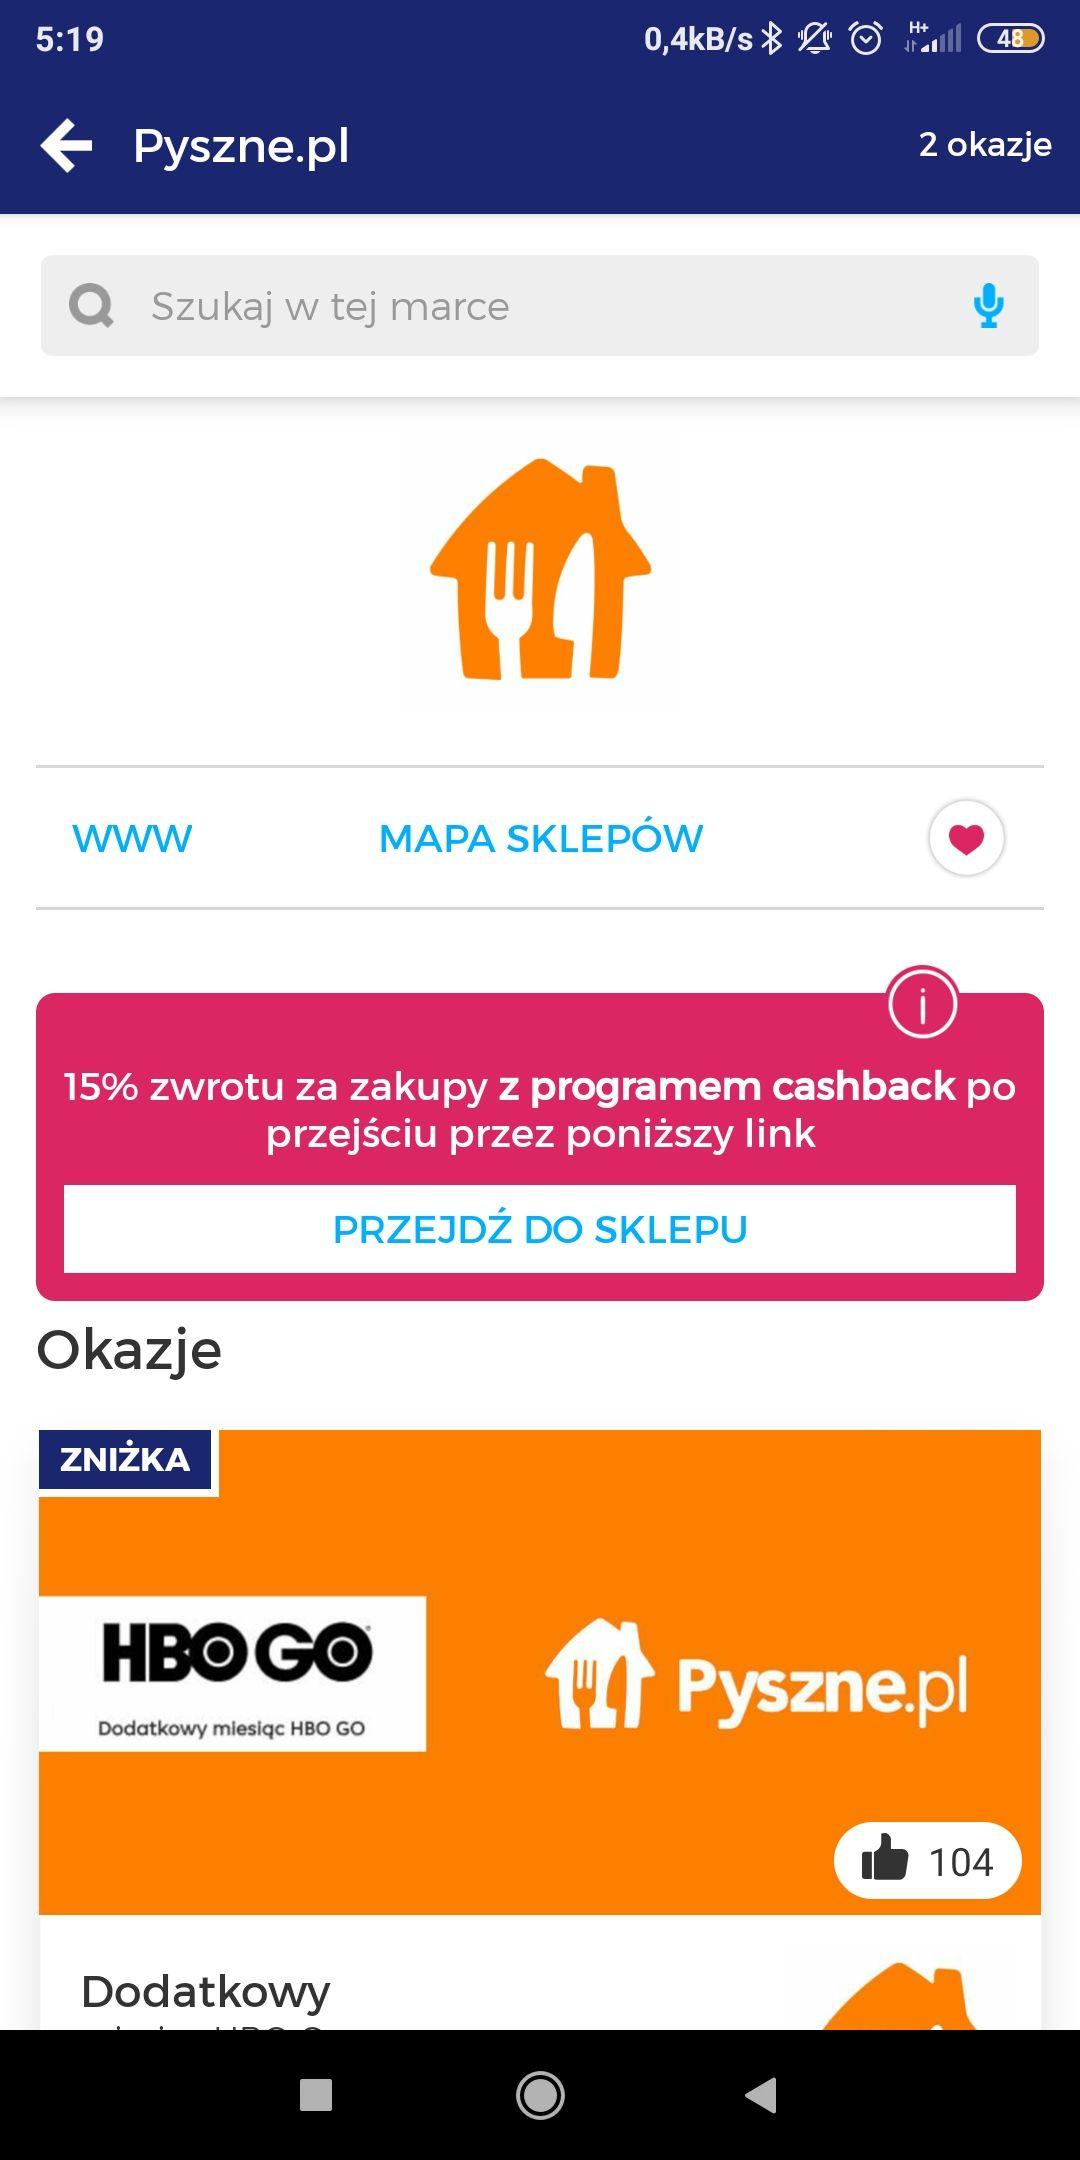 Pyszne.pl 15% zwrotu na goodie